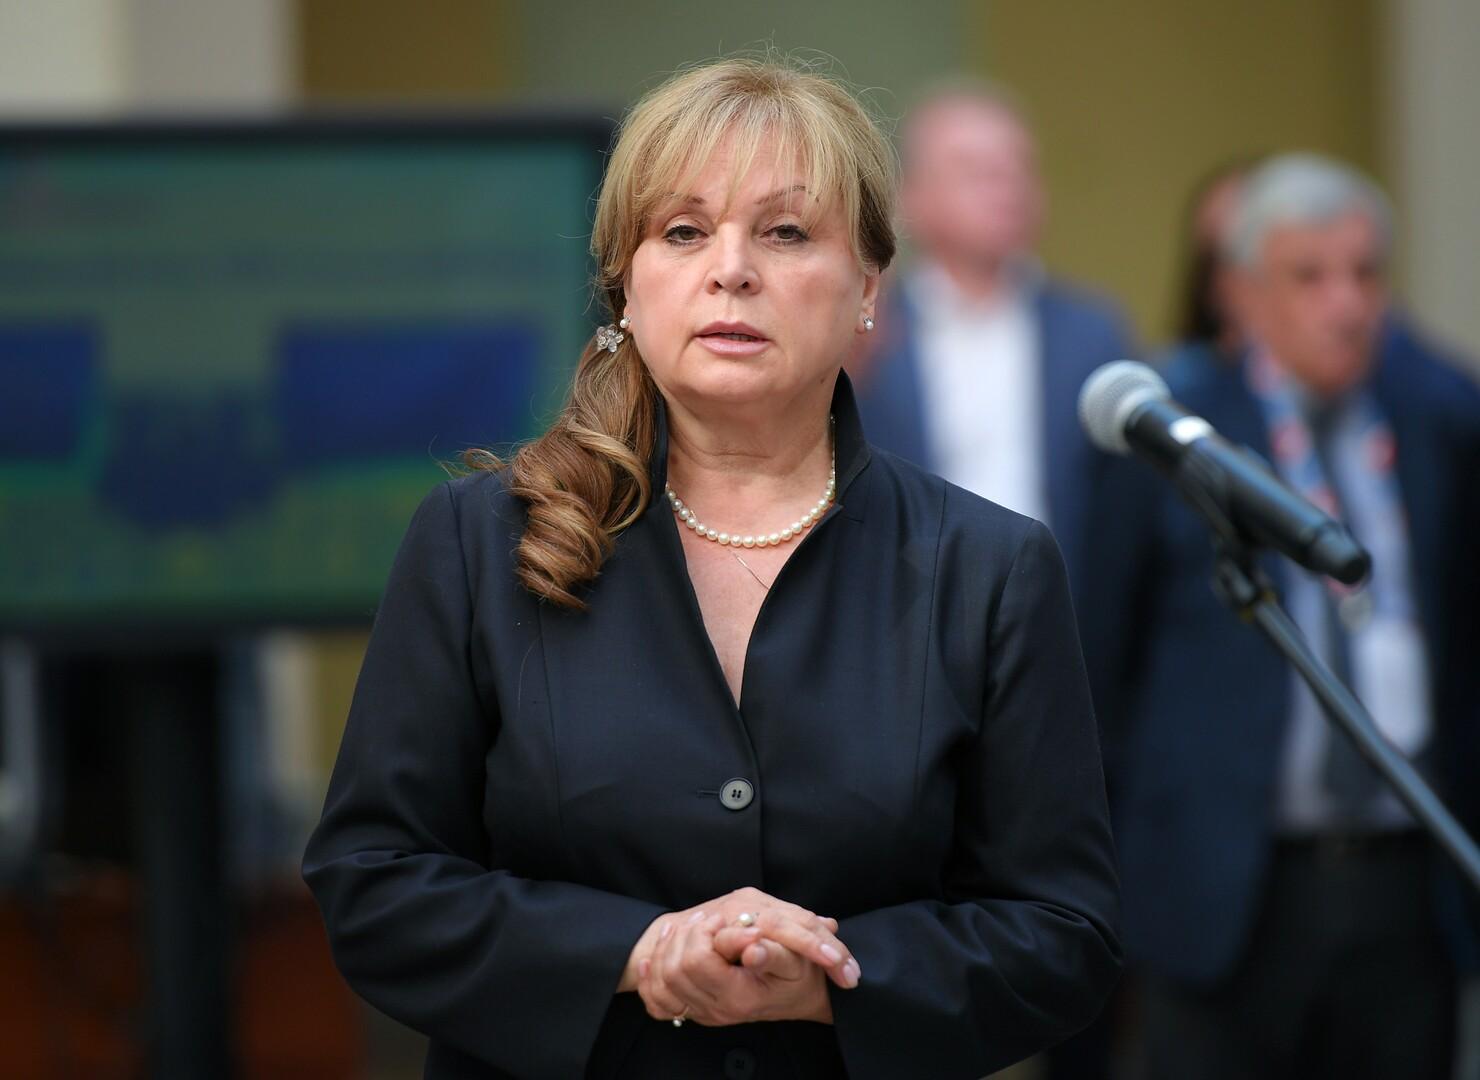 الاعتداء على رئيسة لجنة الانتخابات المركزية الروسية في منزلها